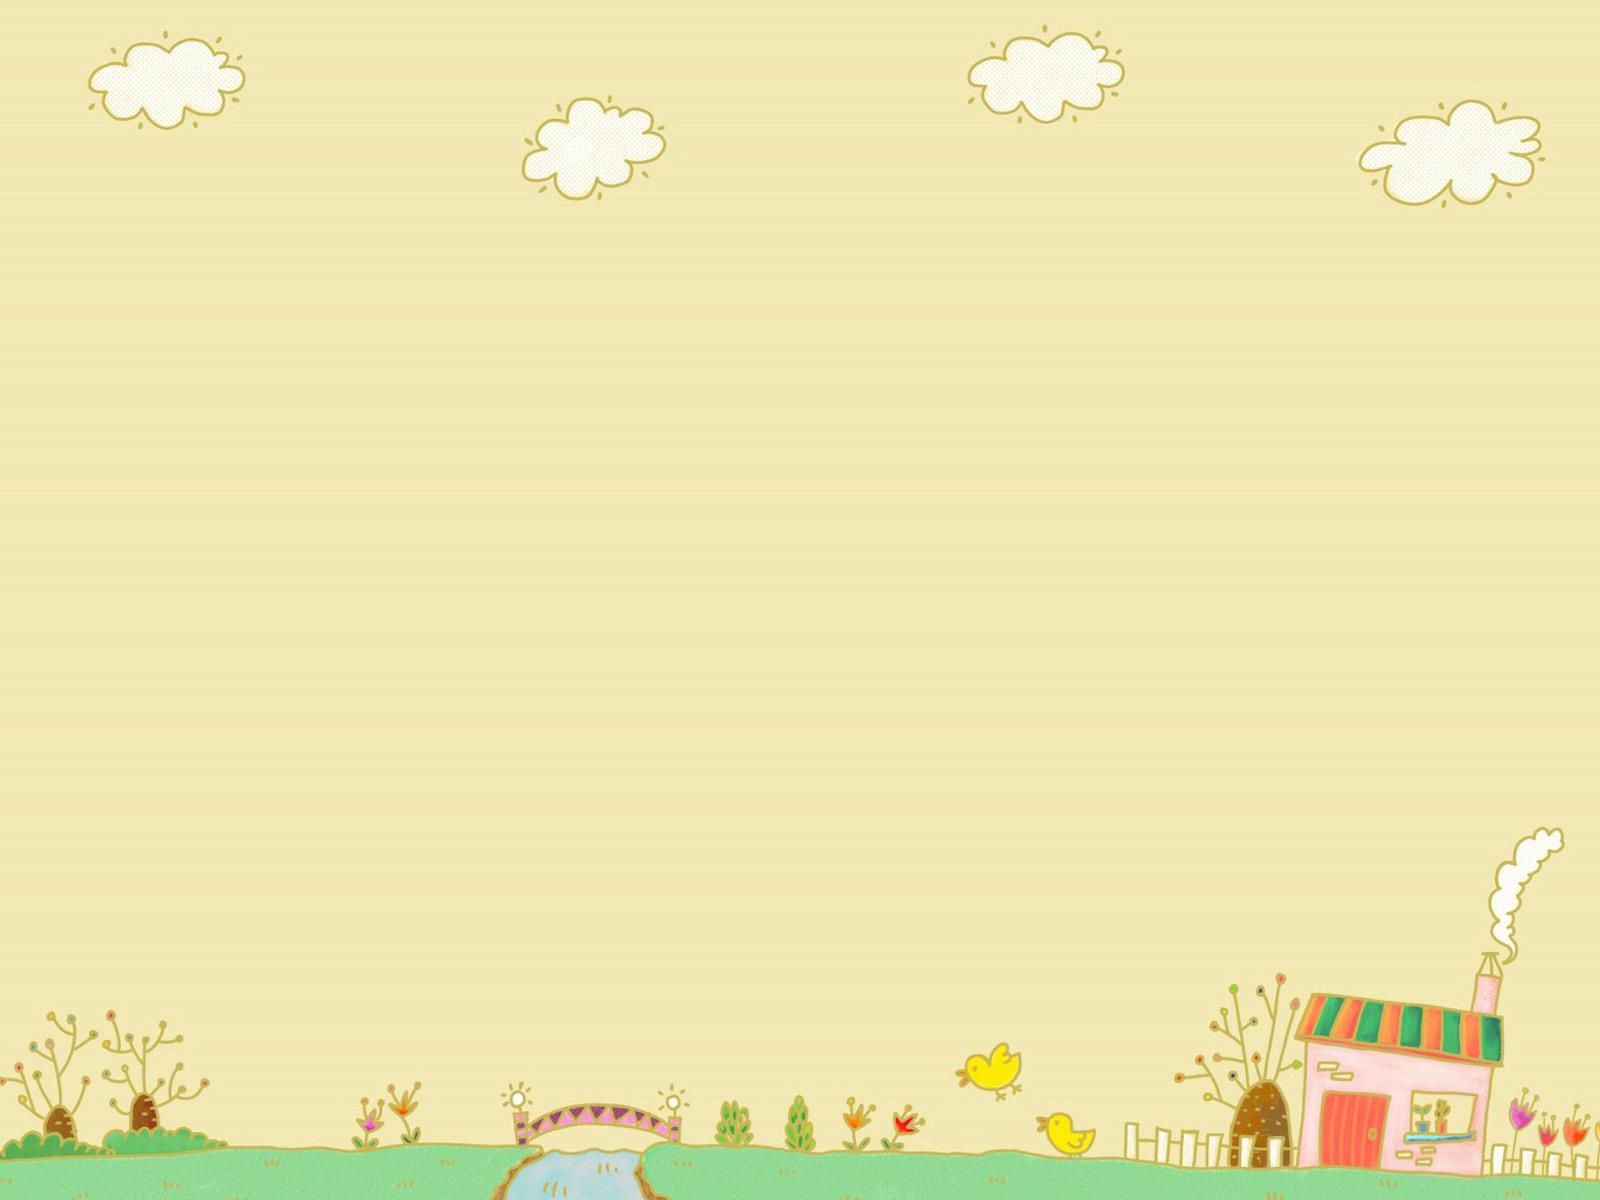 Hình nền PowerPoint dễ thương với ngôi nhà và khu vườn của bé